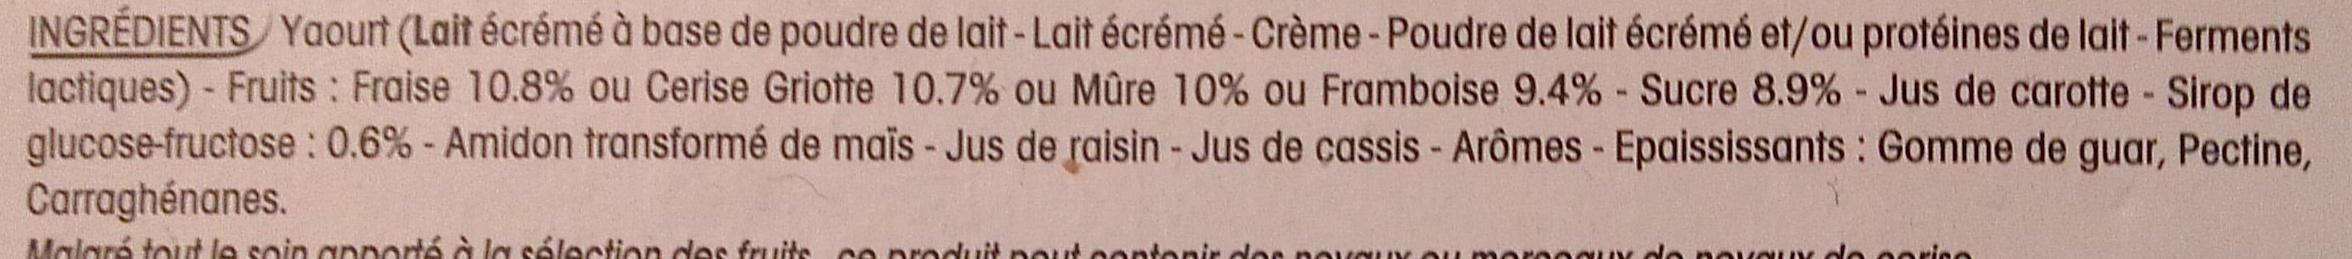 Panier de Yoplait Cerise, Fraise, Framboise, Mûre - Ingrédients